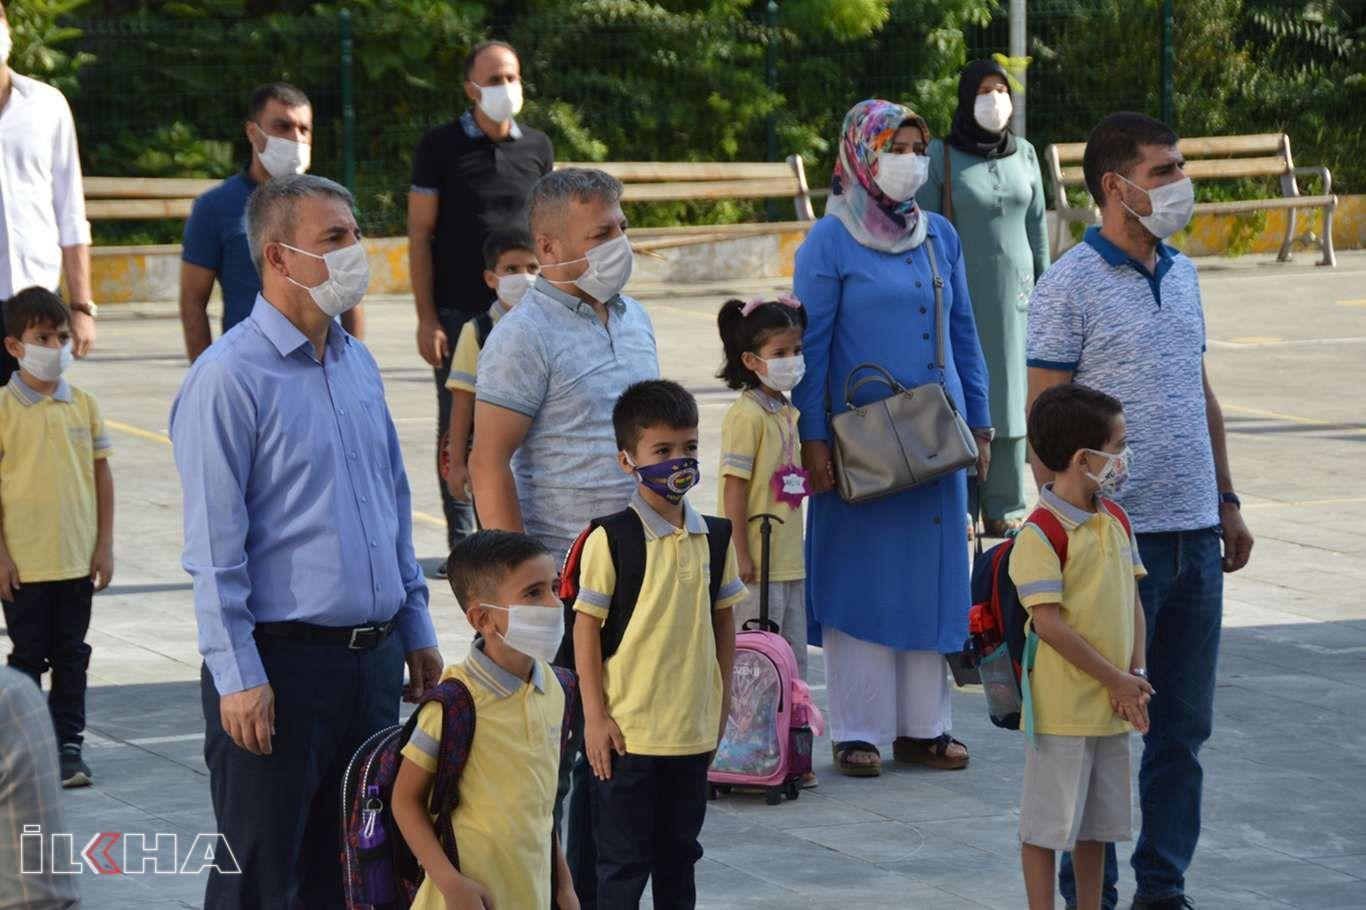 Siirt'te minikler yüz yüze eğitime maskeleri ile geldi